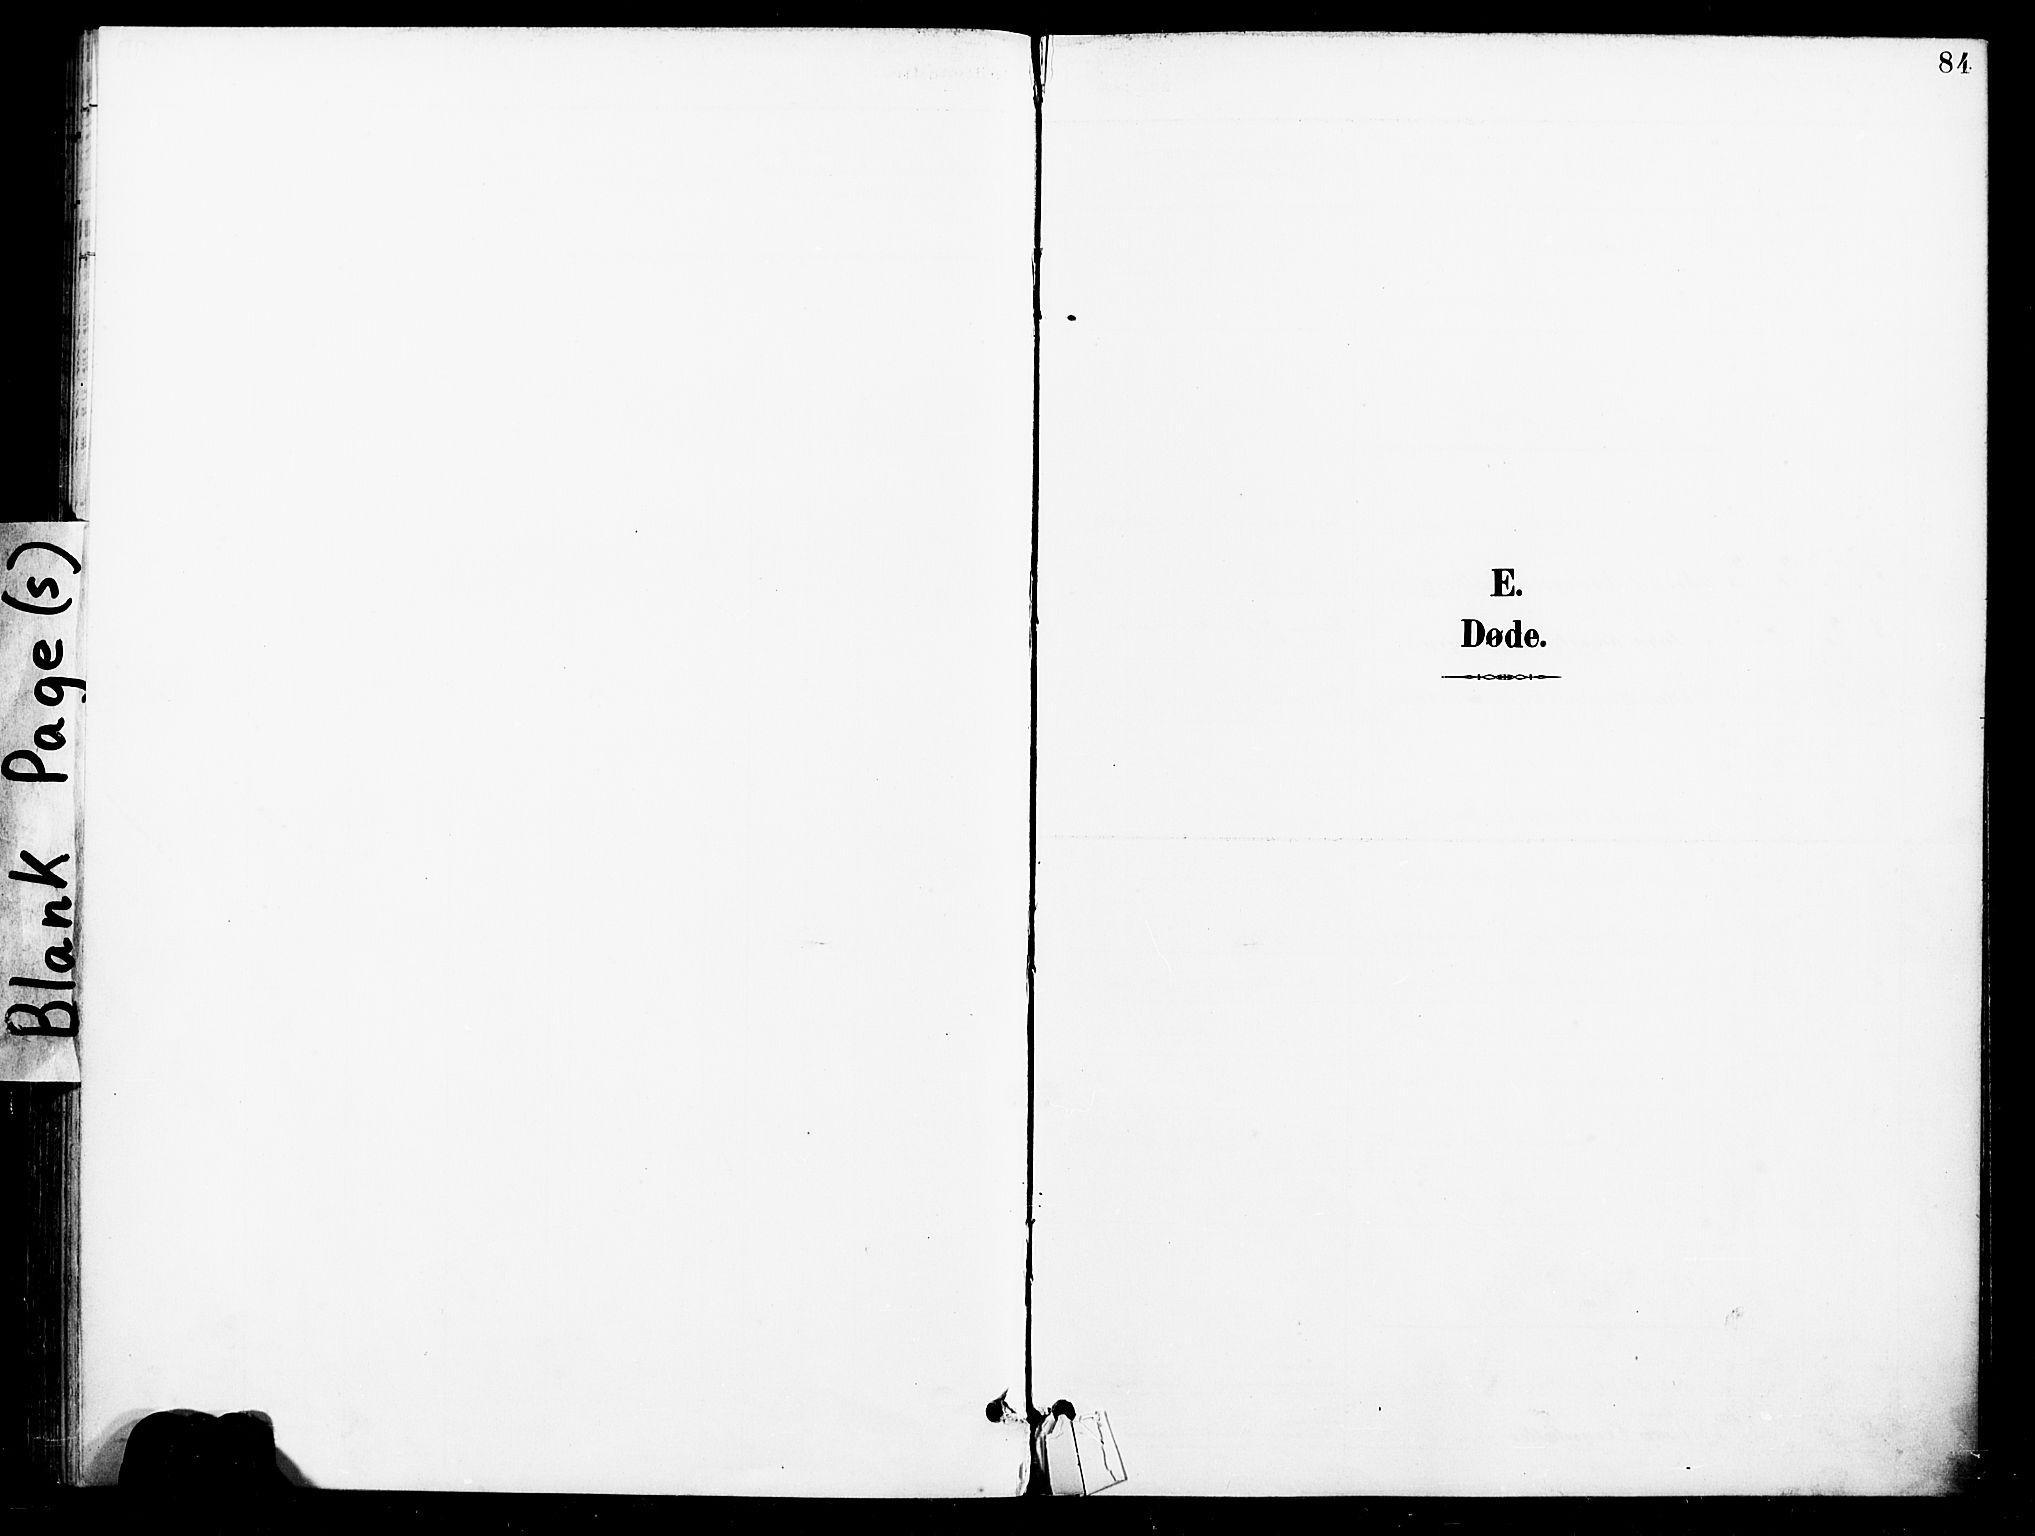 SAT, Ministerialprotokoller, klokkerbøker og fødselsregistre - Nord-Trøndelag, 740/L0379: Ministerialbok nr. 740A02, 1895-1907, s. 84